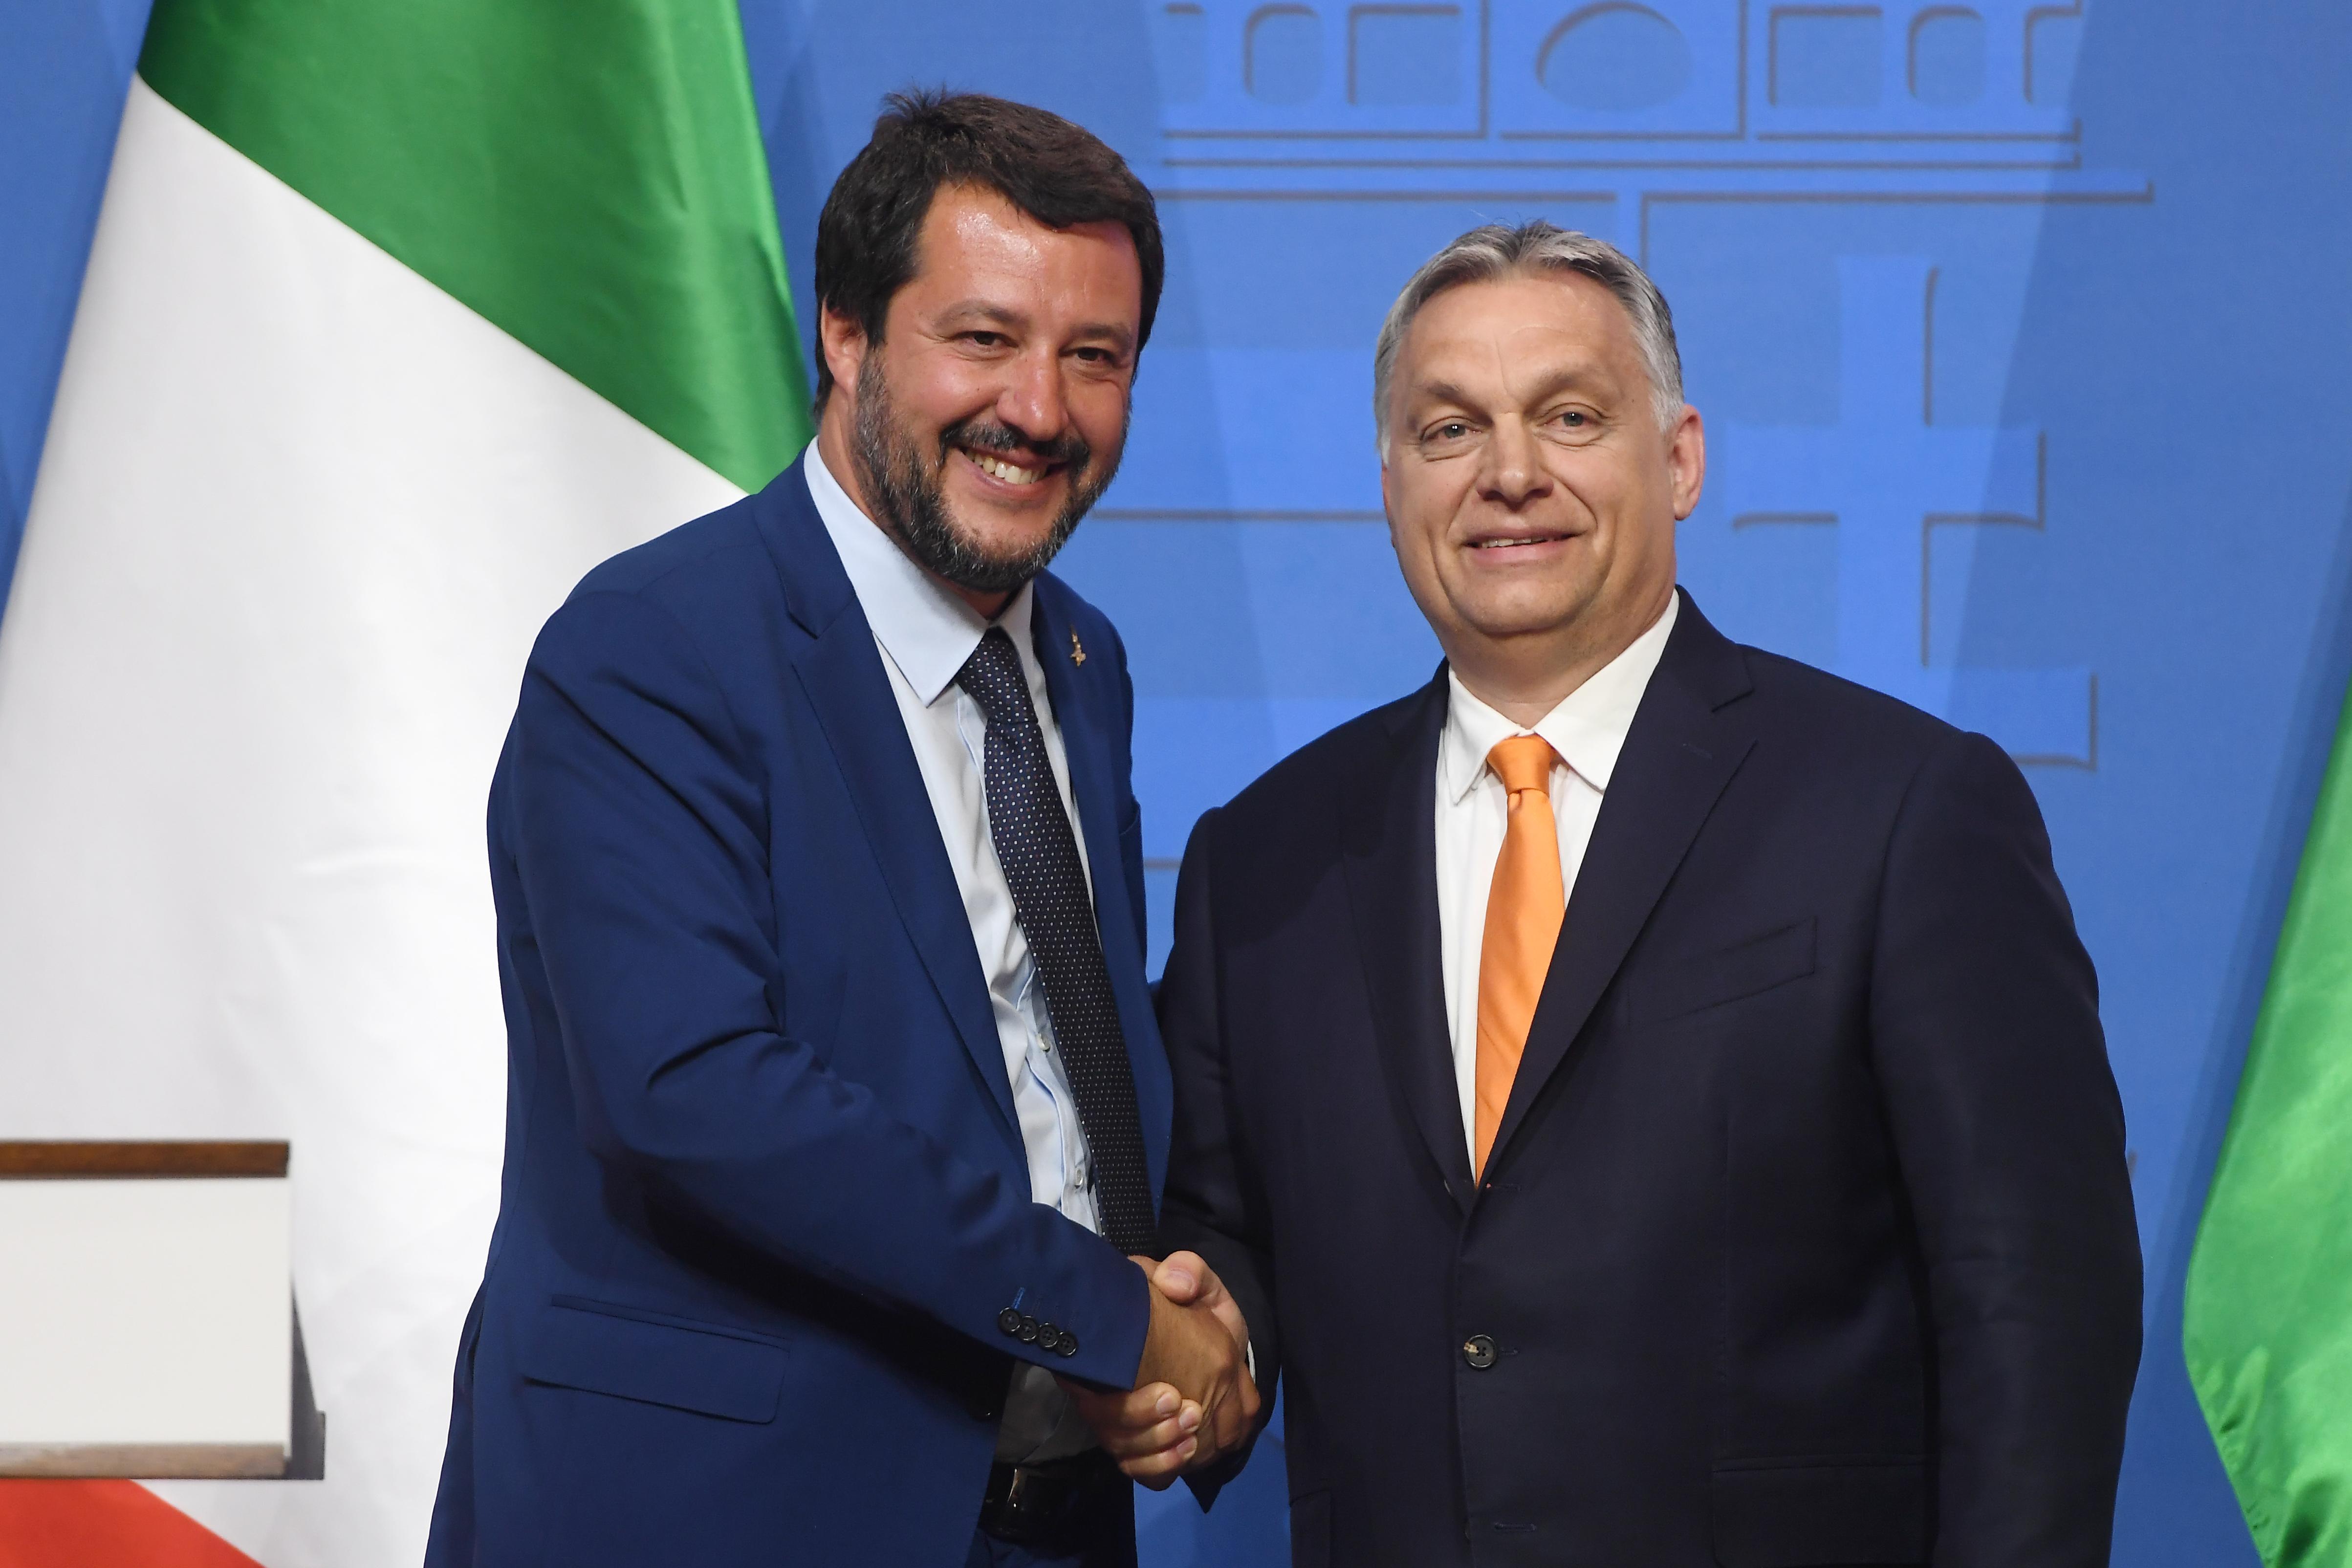 Orbán látványosan és nyíltan keresni fogja az együttműködést Salvini pártjával